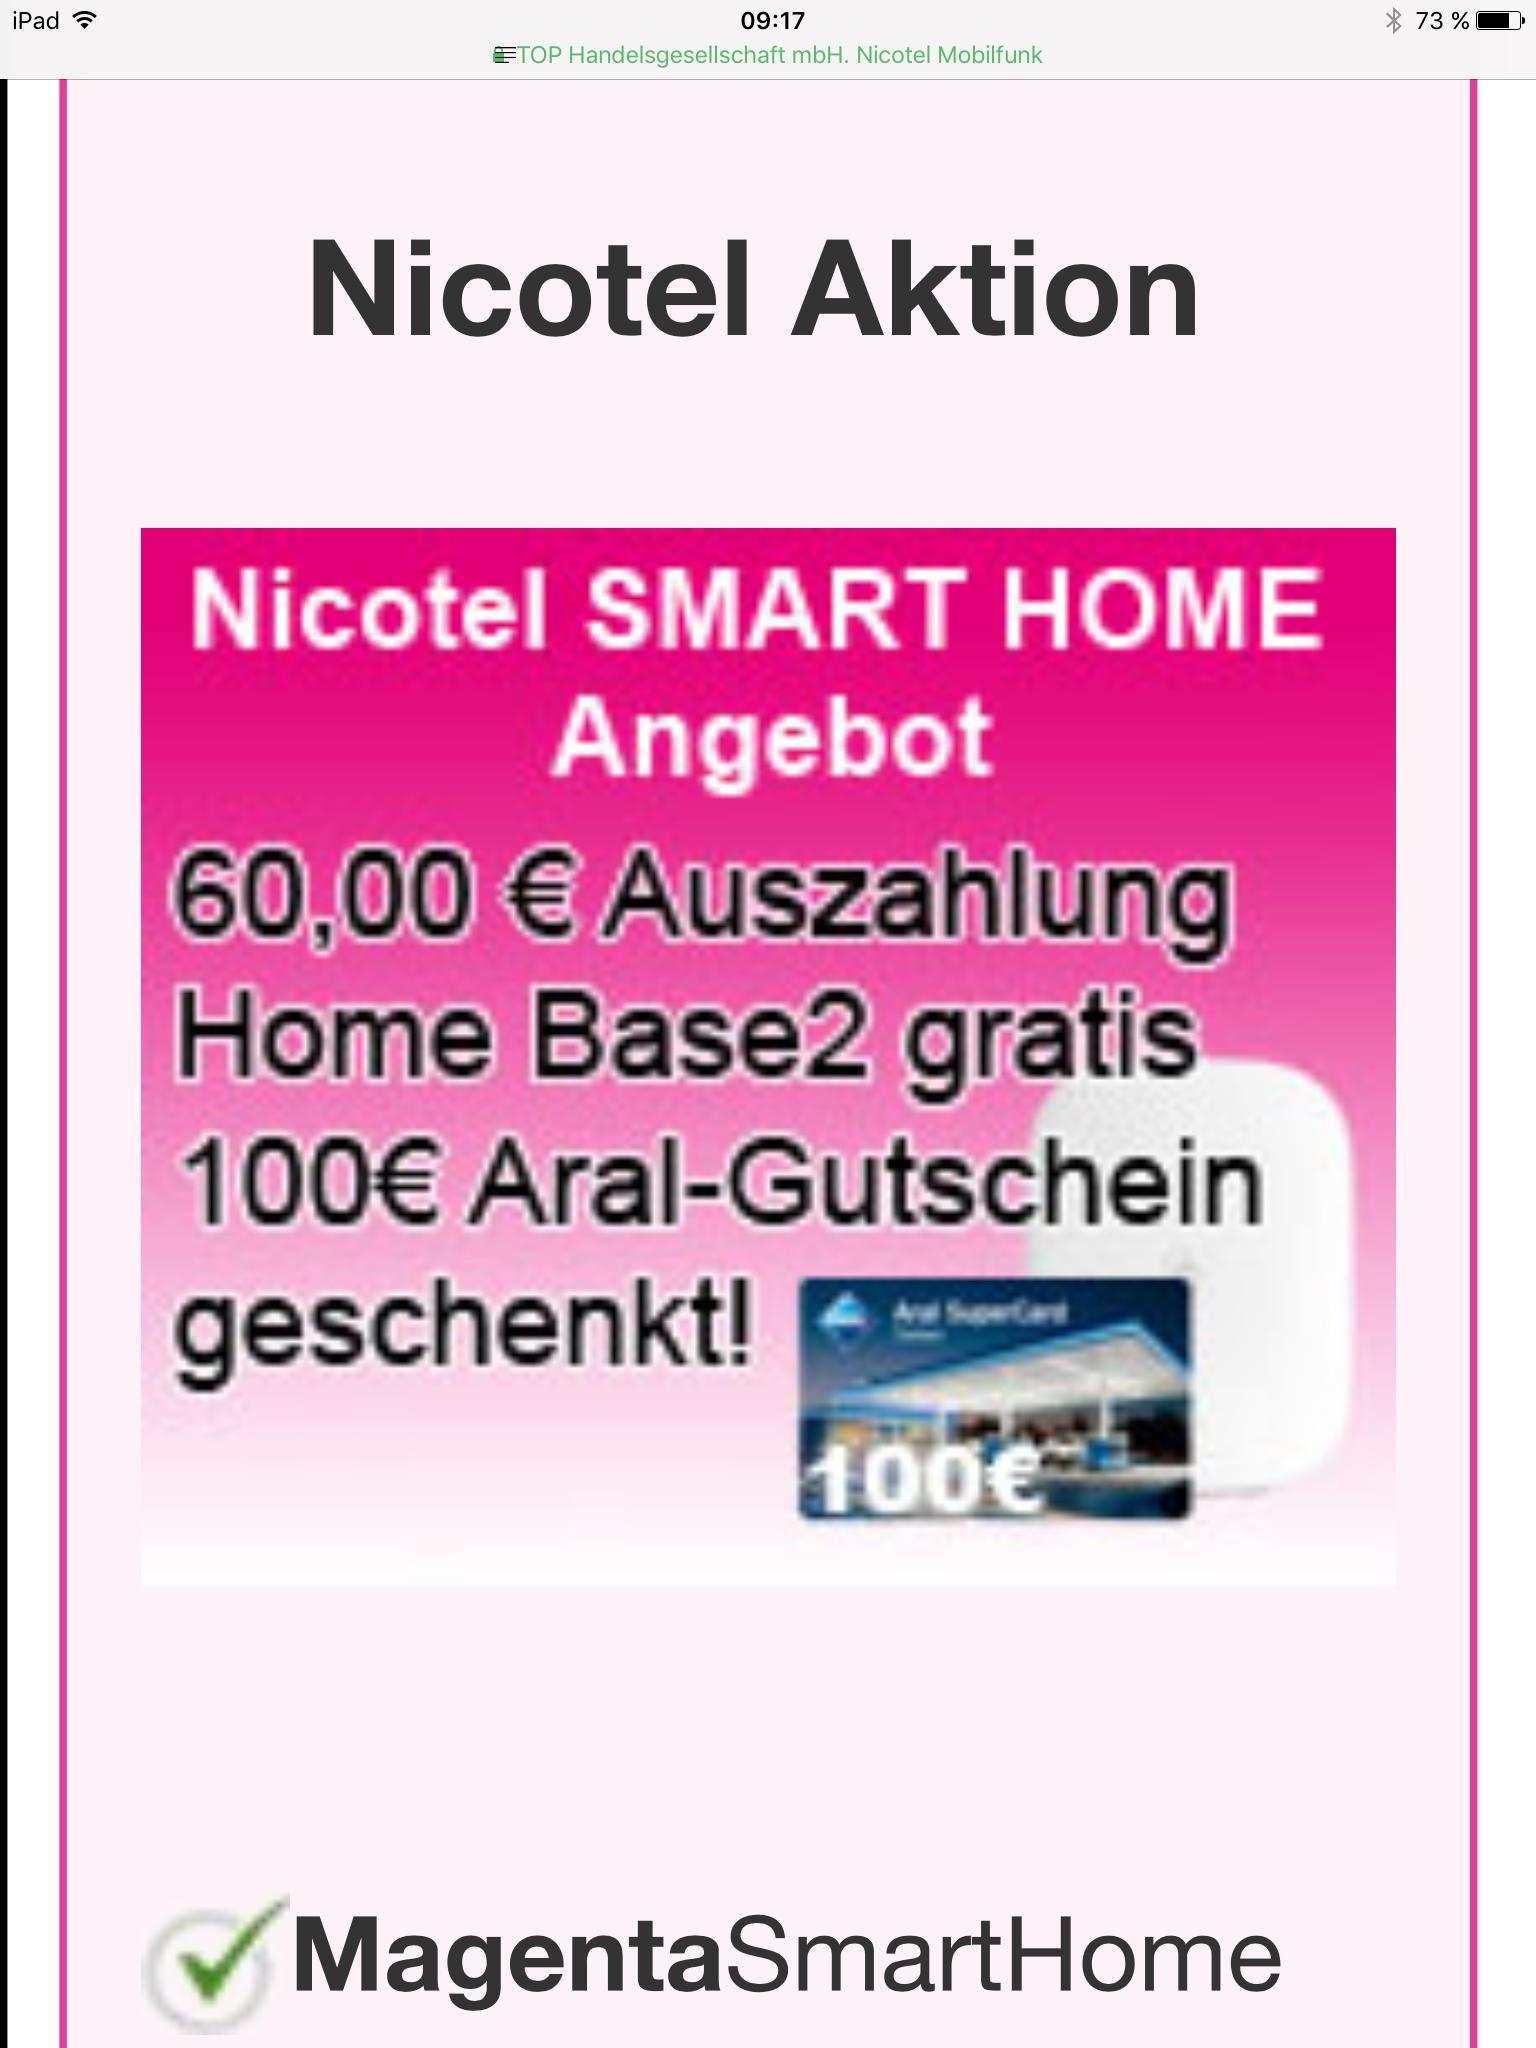 2 Jahre Telekom Smart Home mit Home Base 2, 60 Euro Auszahlung und 100 Euro Aralgutschein